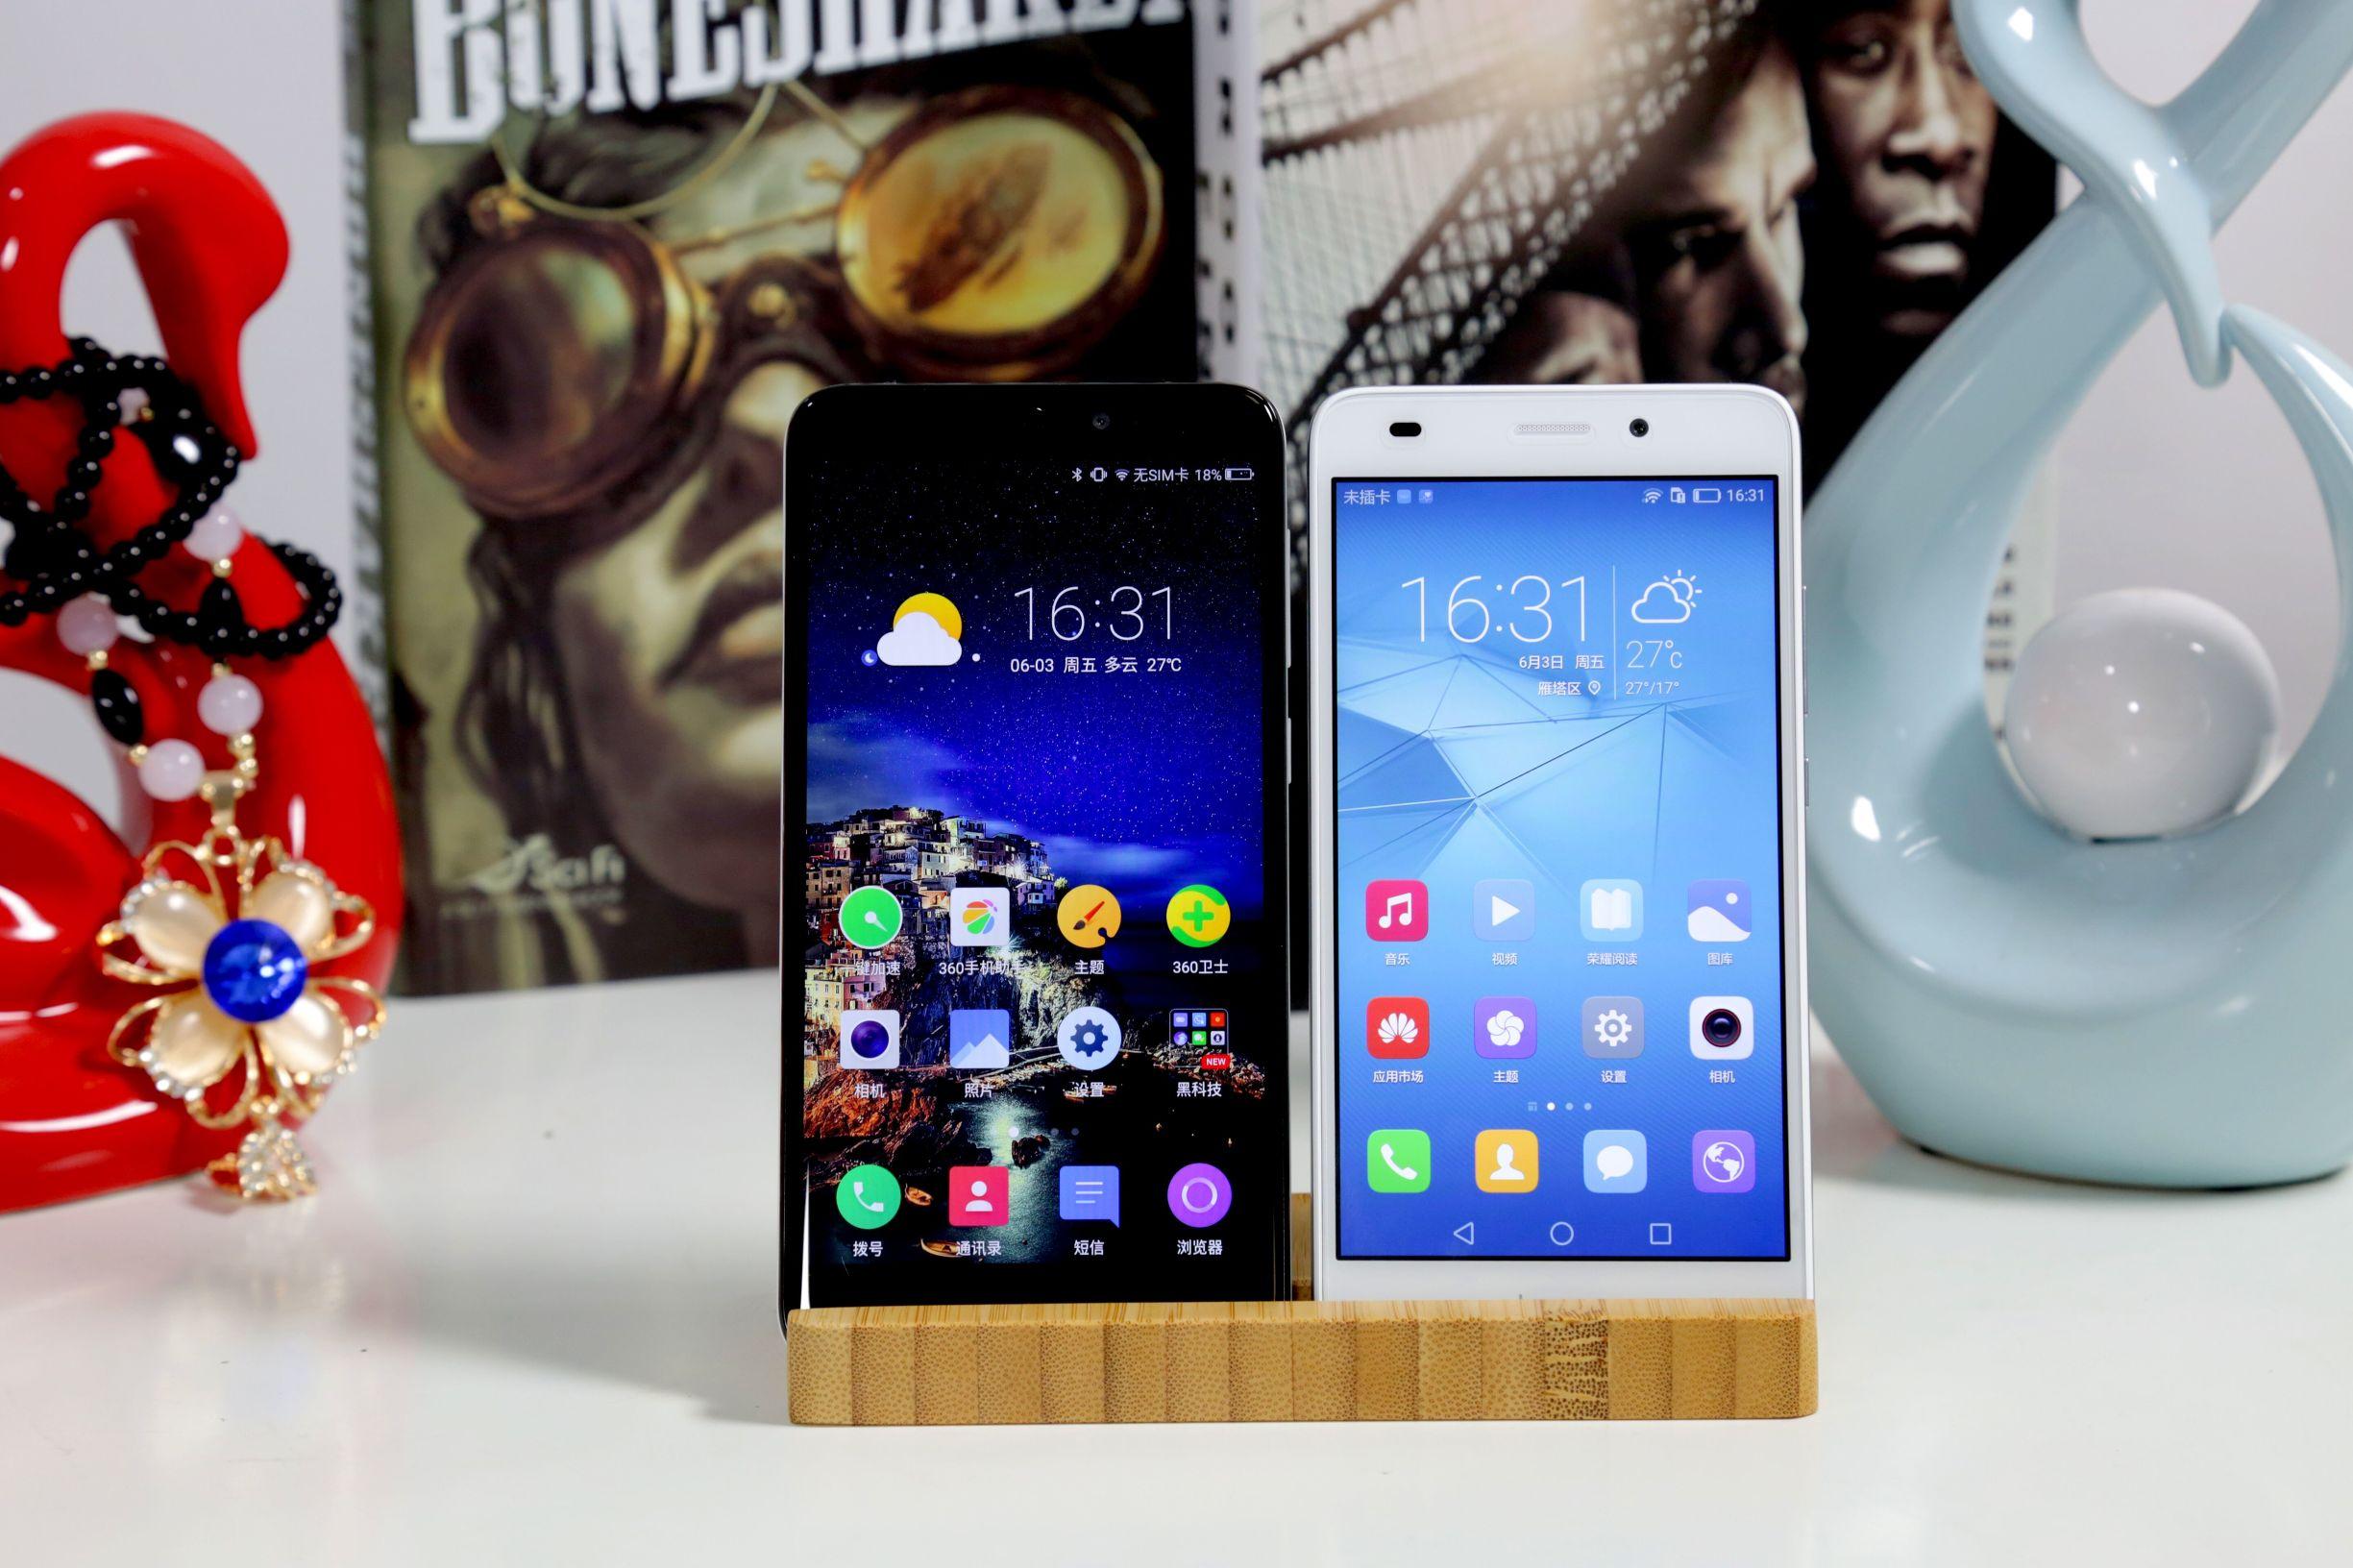 899元巅峰对决!360手机N4与荣耀畅玩5C对比评测